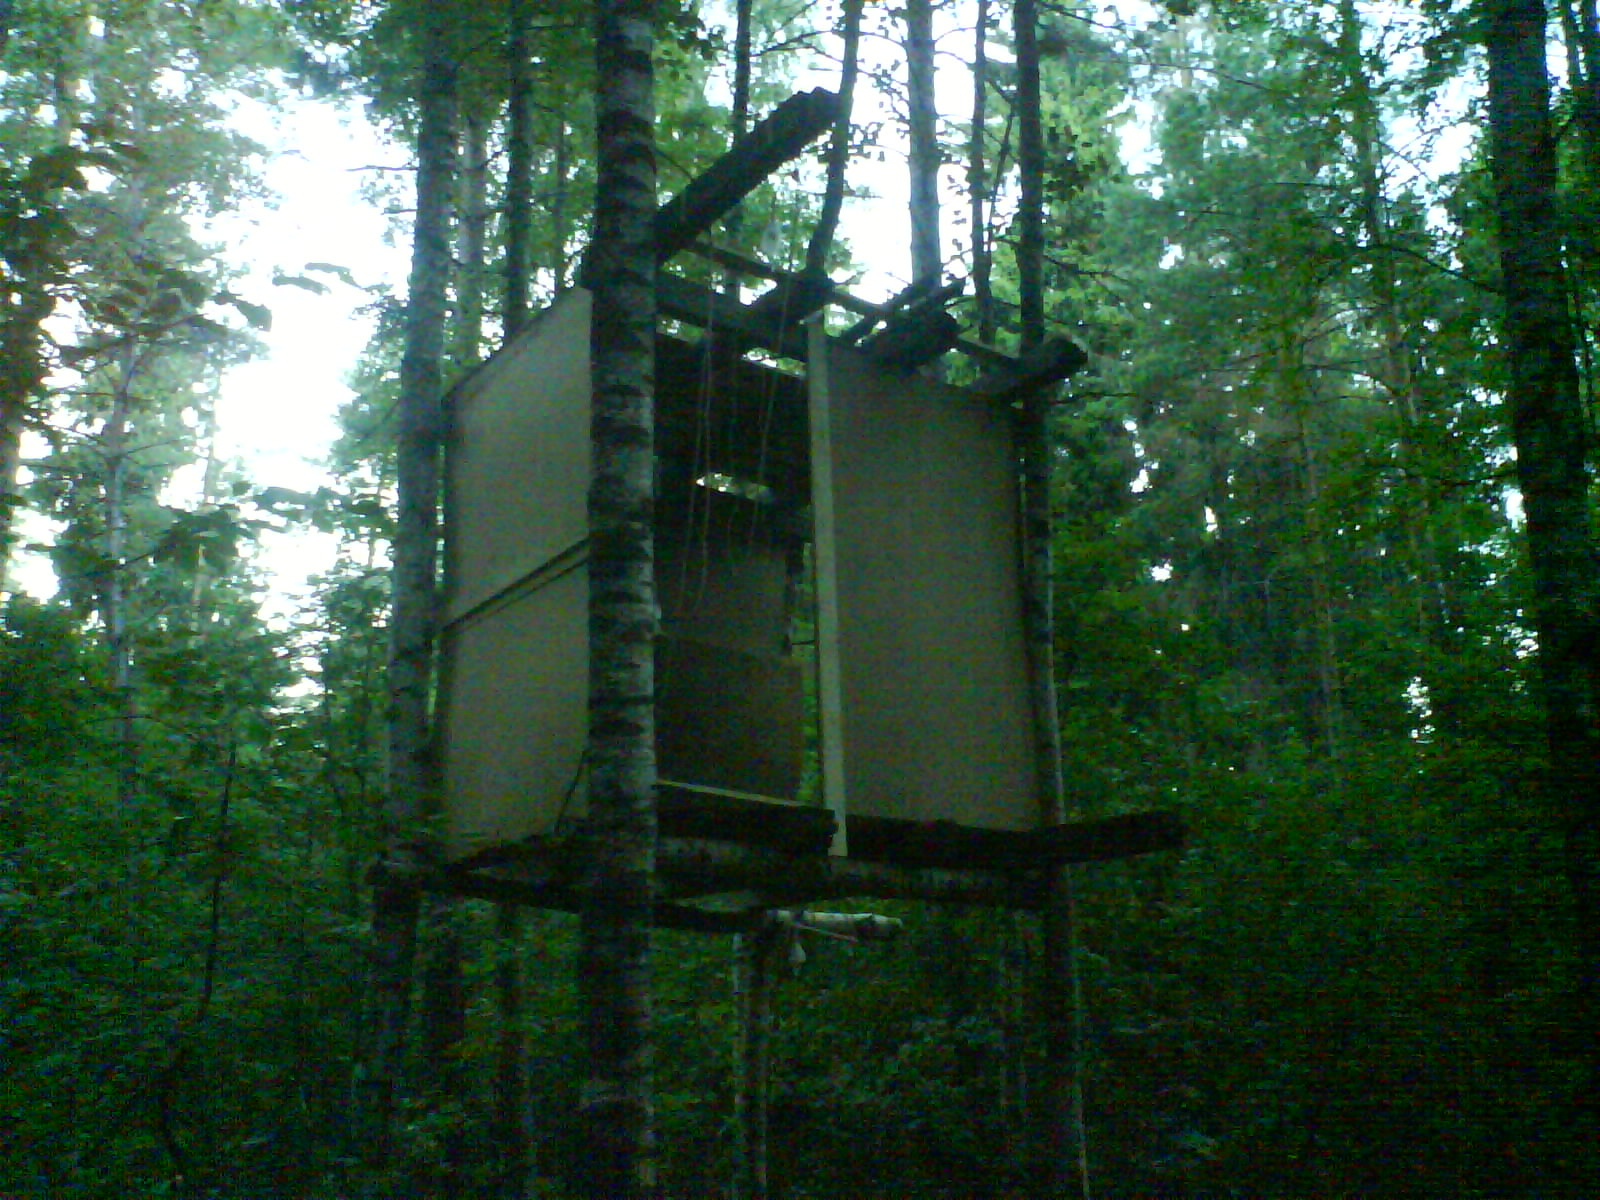 Домик на дереве своими руками - инструкция по строительству!